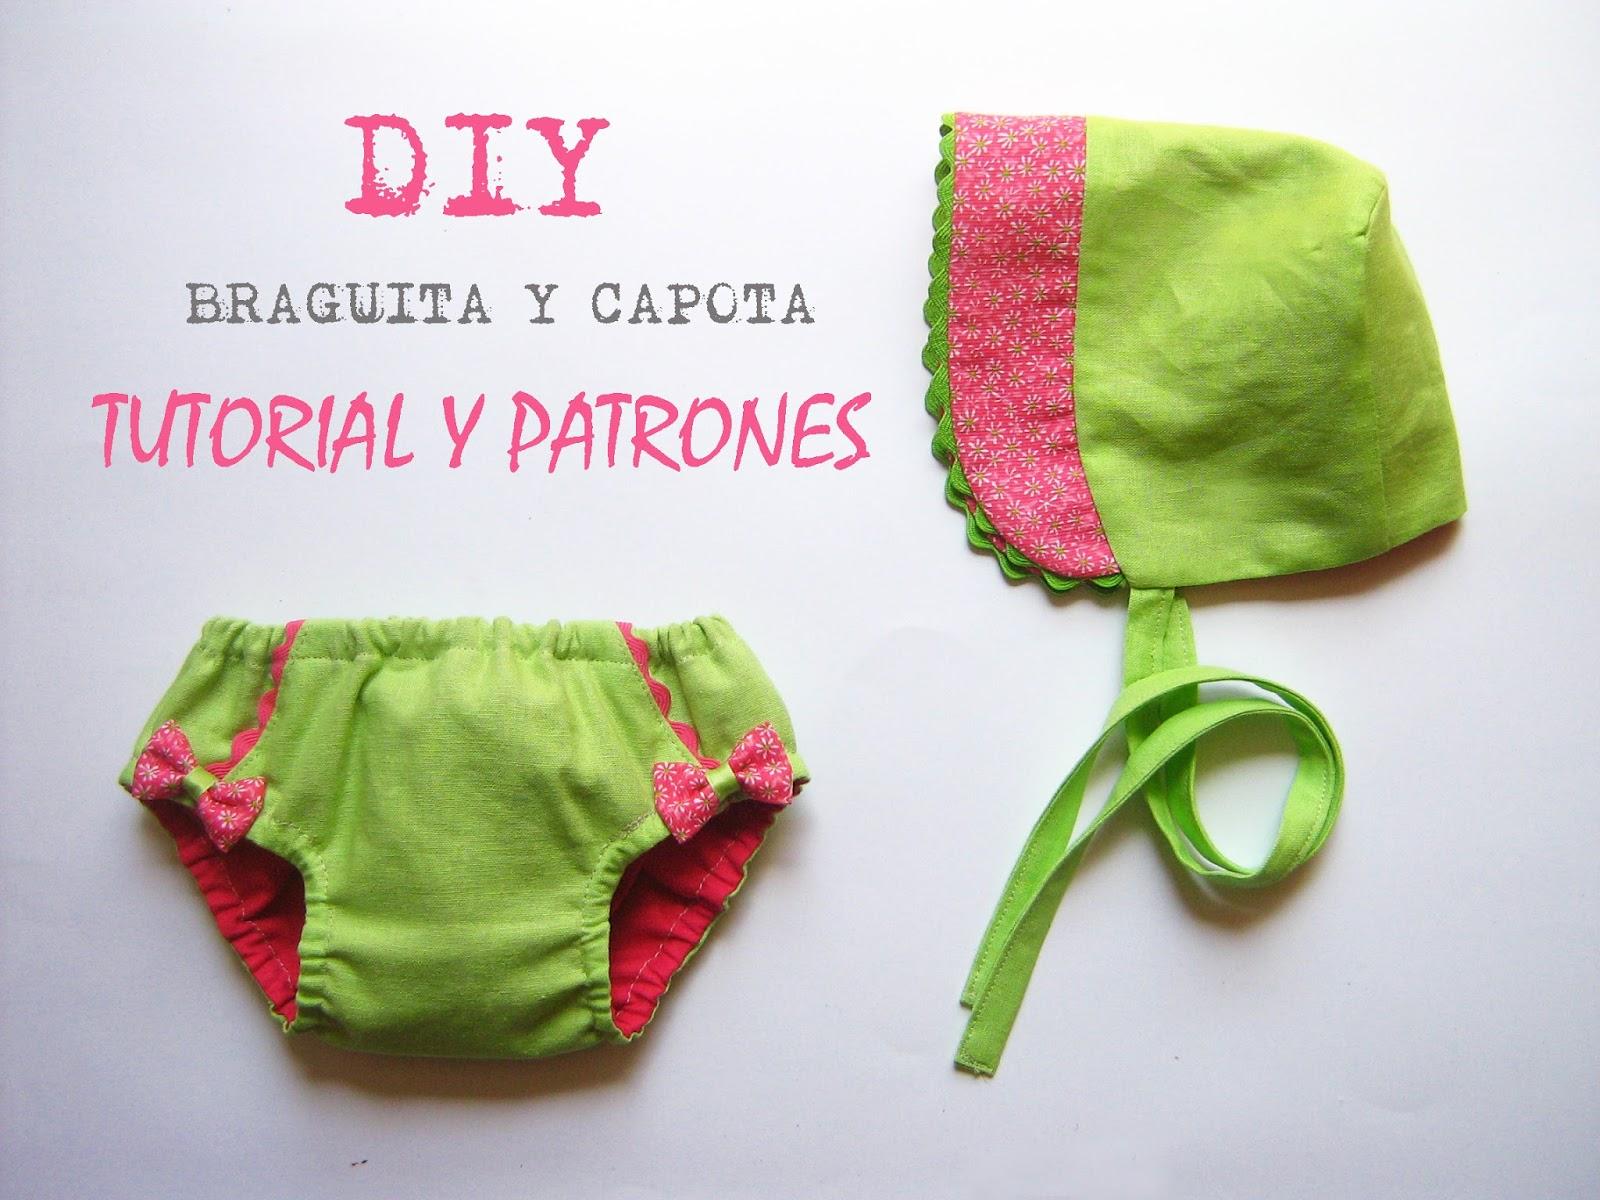 Patrones VP: DIY: Tutorial con patrones de costura: Braguita-bikini ...